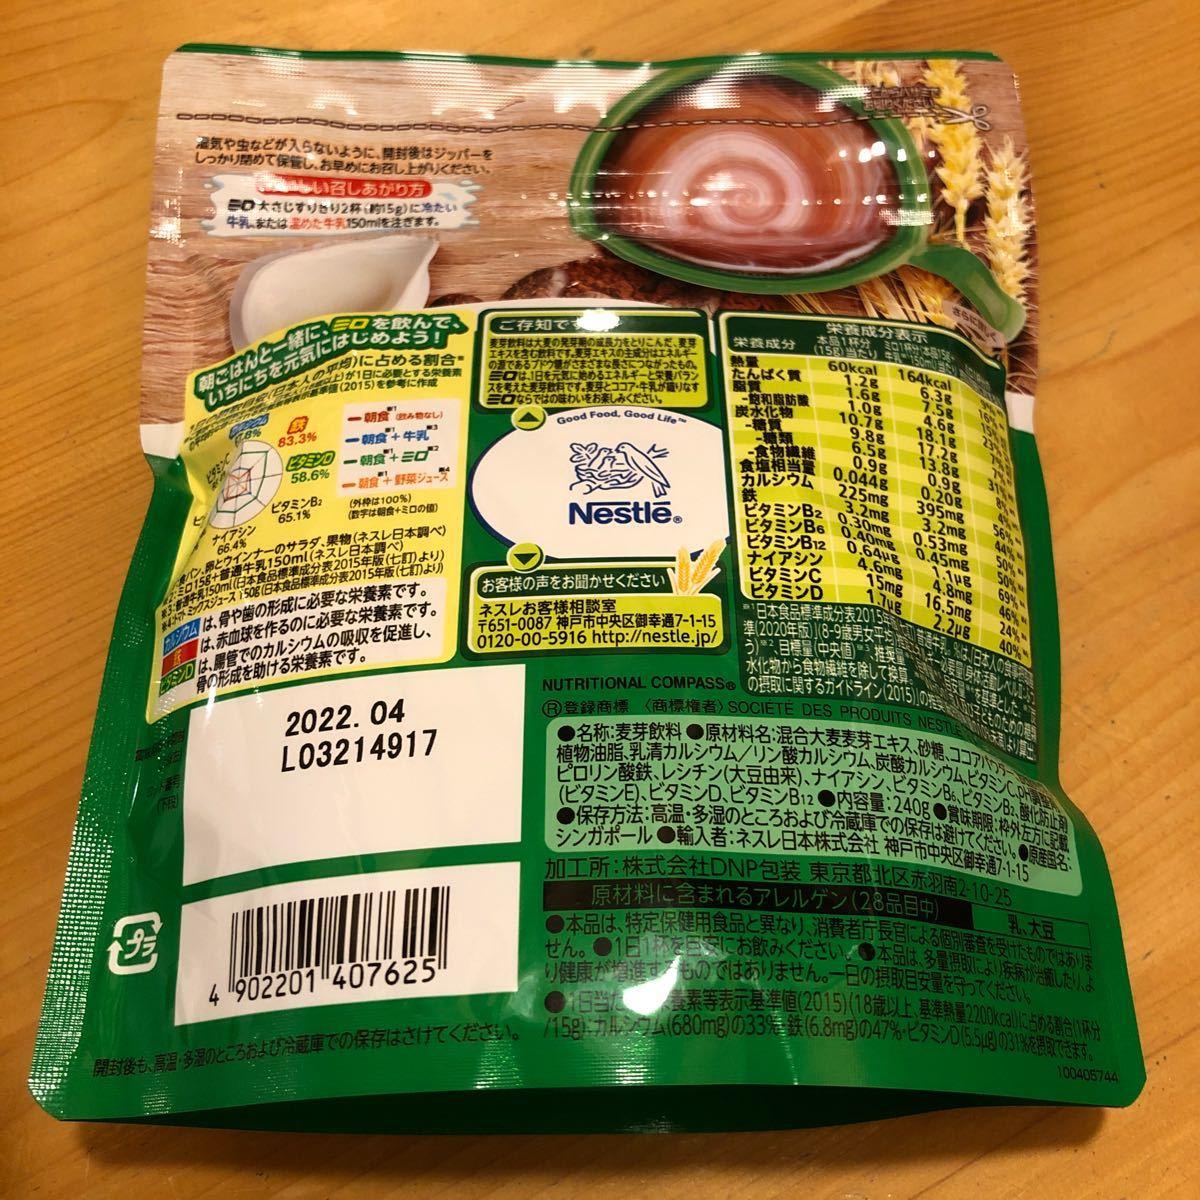 ネスレ日本 ネスレ ミロ オリジナル 240g袋